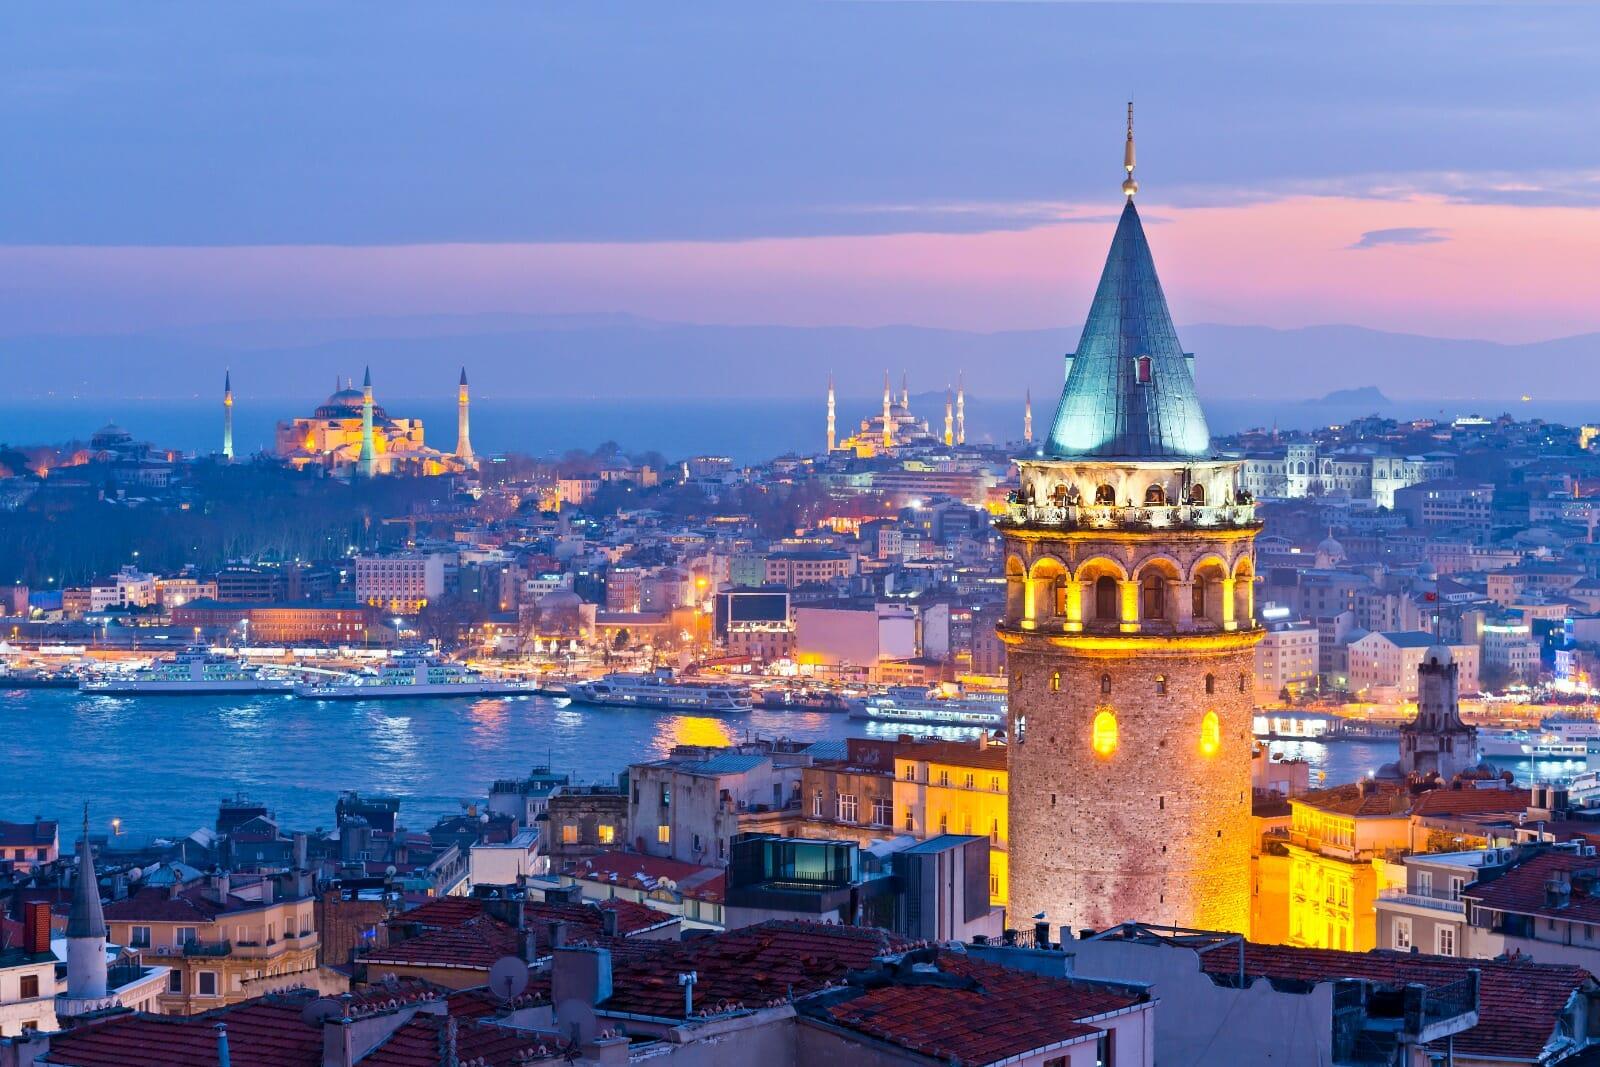 Istanbul vista dagli occhi di chi l'ha raccontata: una guida letteraria